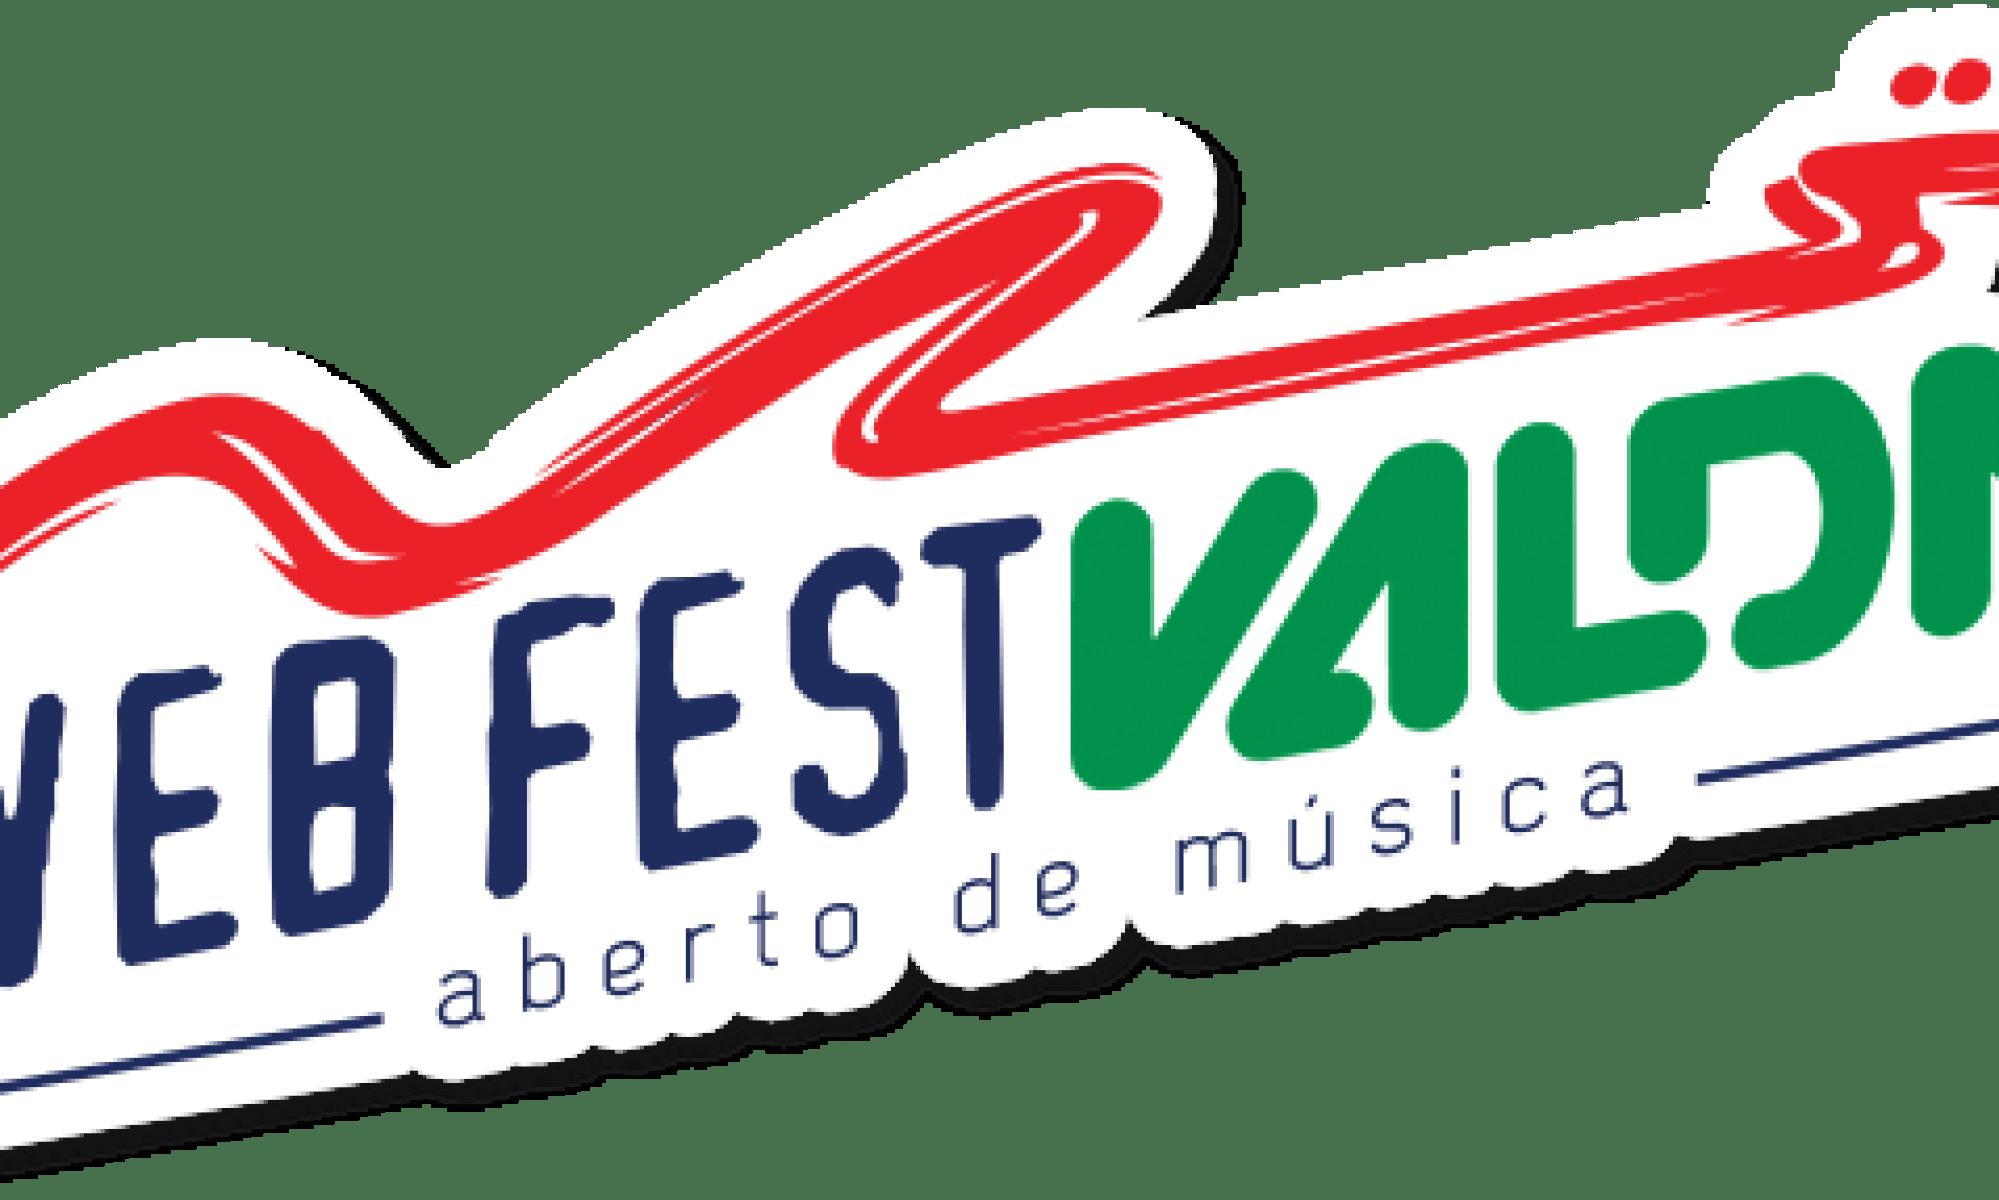 Web Fest Valda 2014